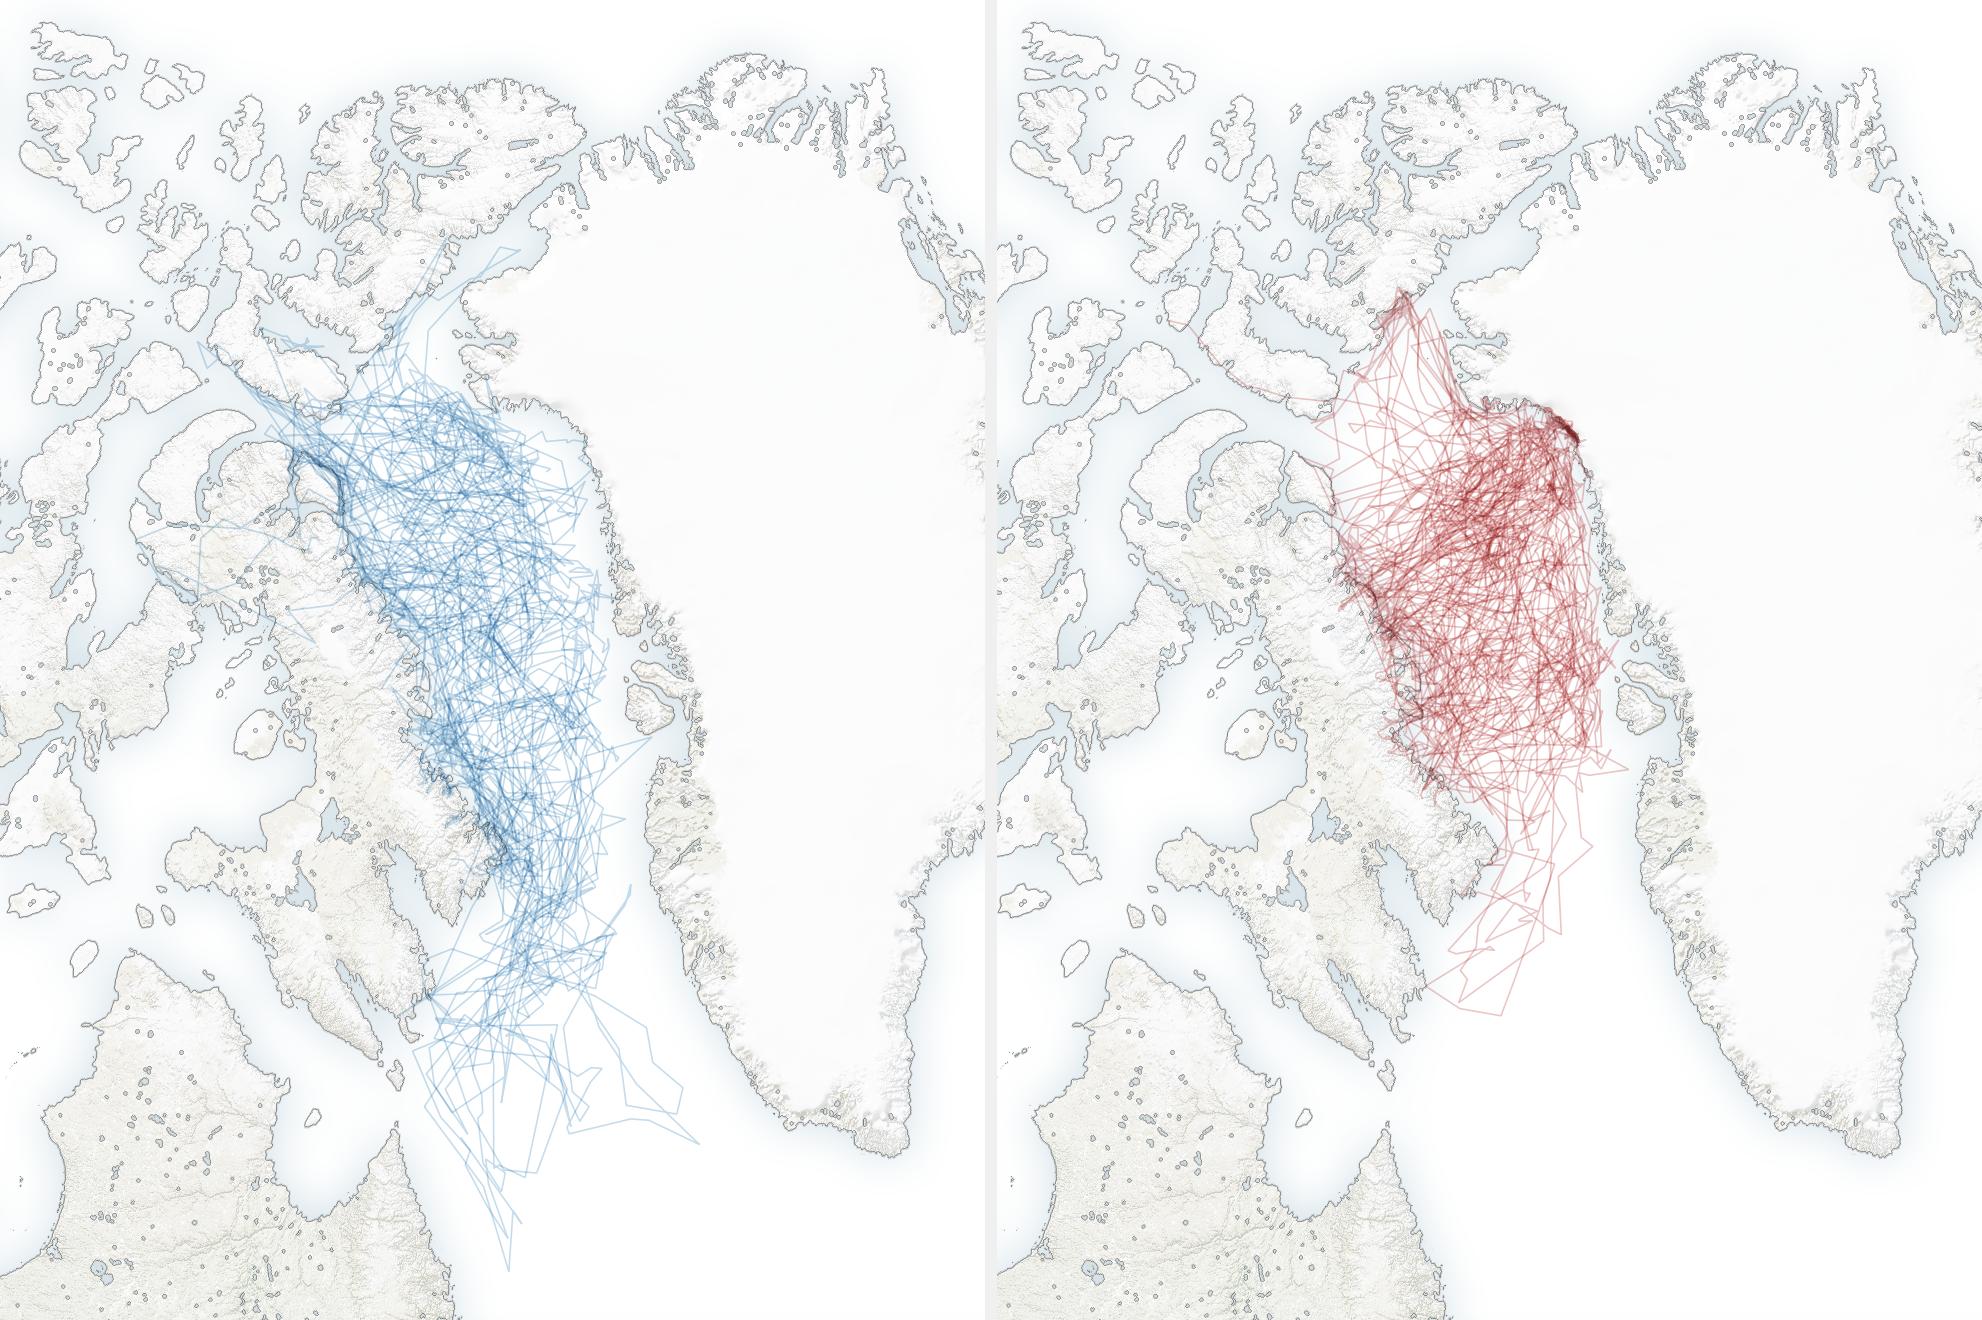 A jegesmedvék által bejárt terület az 1990-es években (kékkel, balra) és a 2000-es években (pirossal, jobbra)